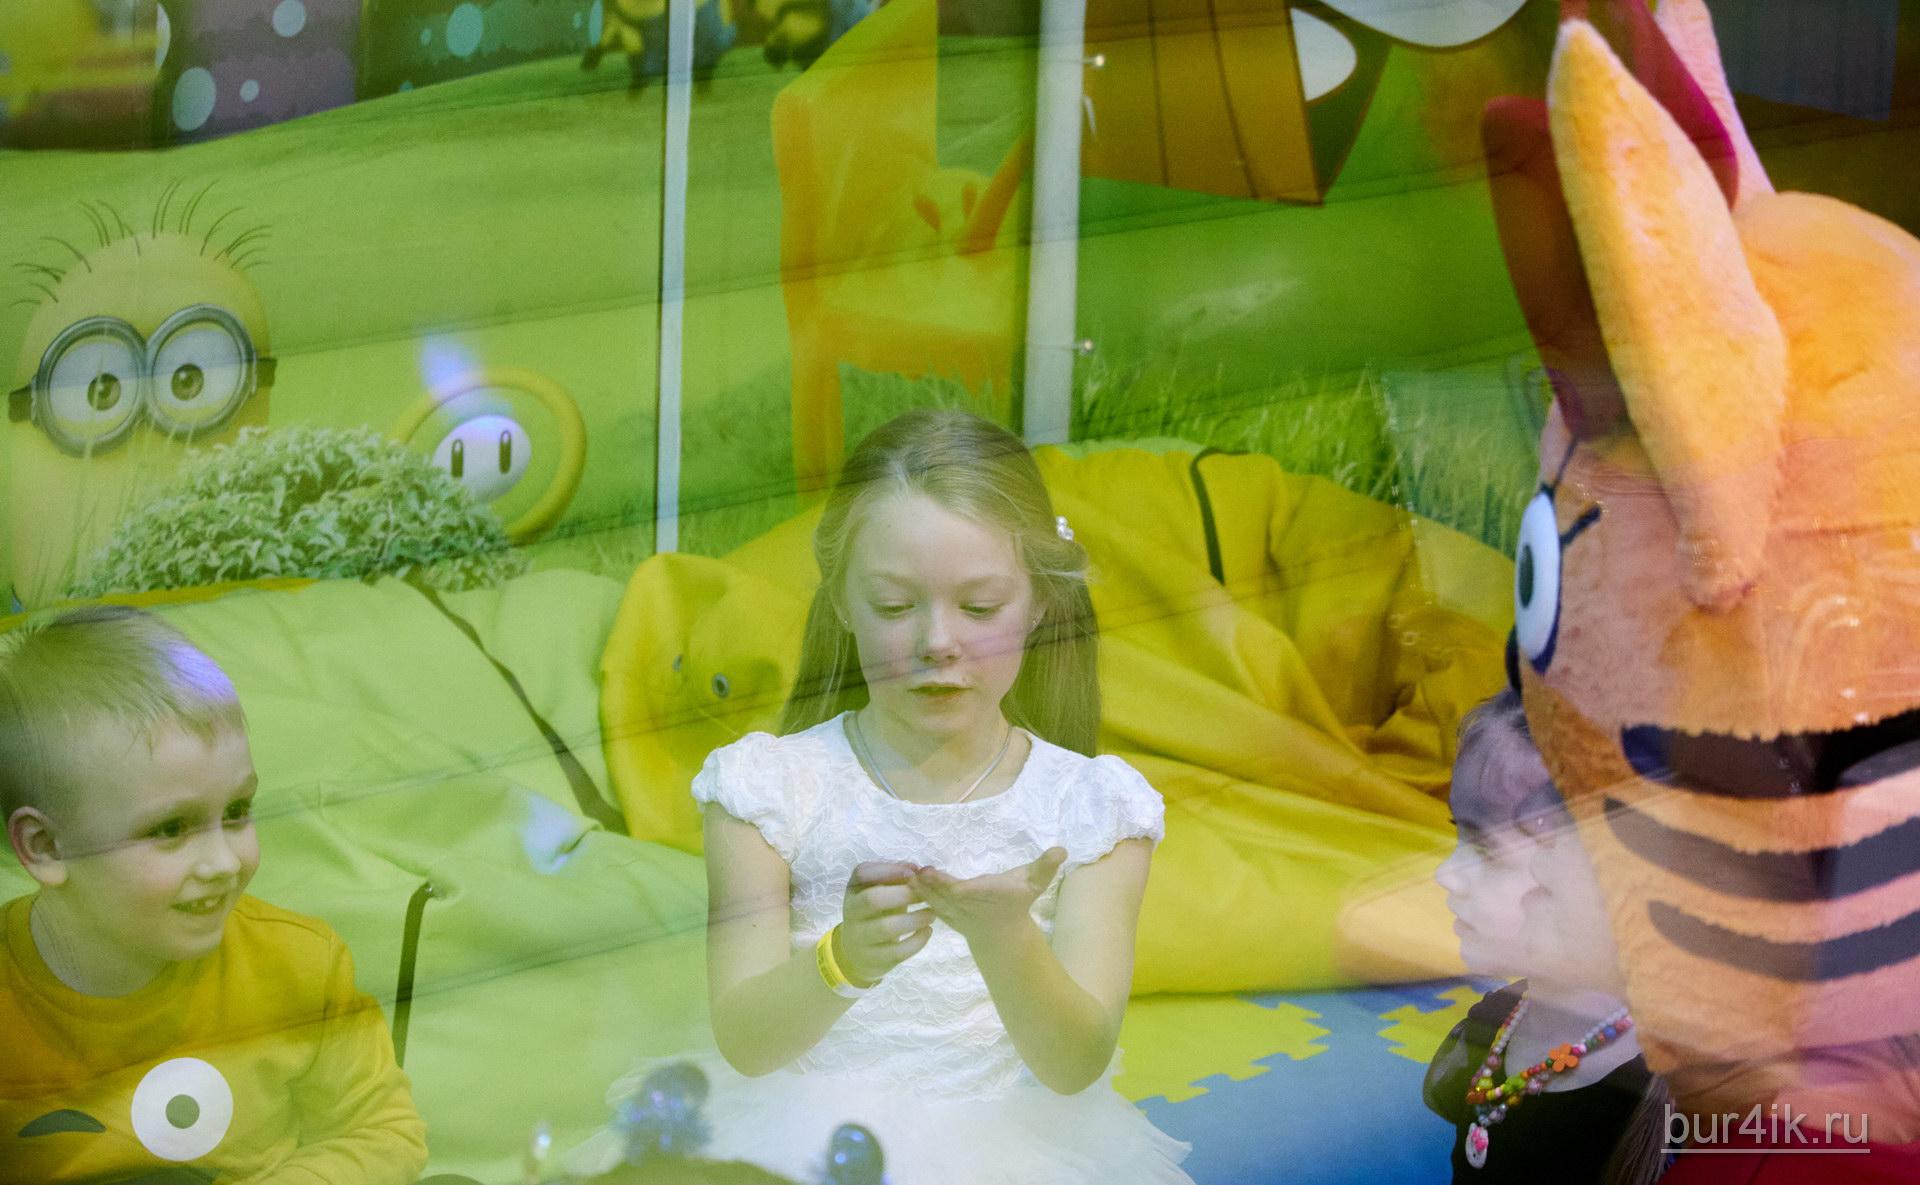 Фото Детское День Рождения в Детский Дворик 15.01.2020 №166 -photo- bur4ik.ru